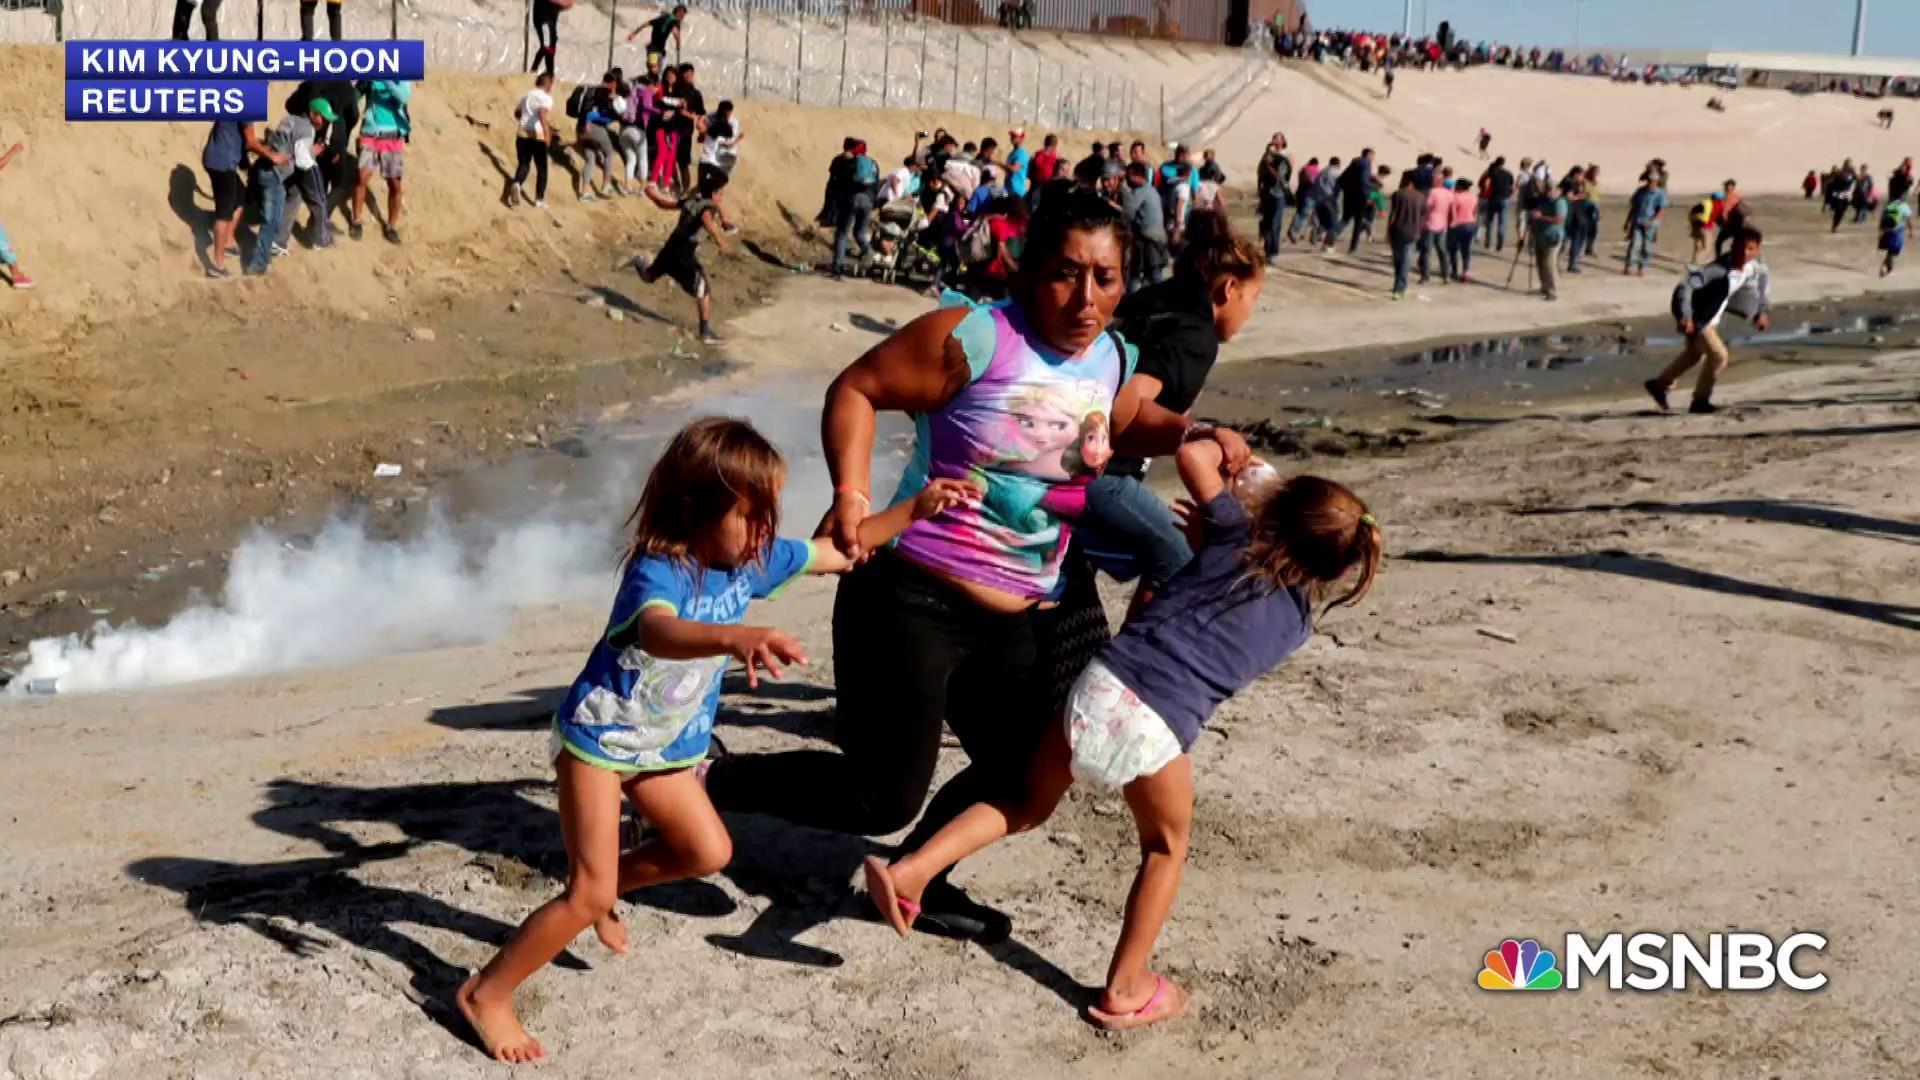 Trump disapproval reaches high amid border chaos